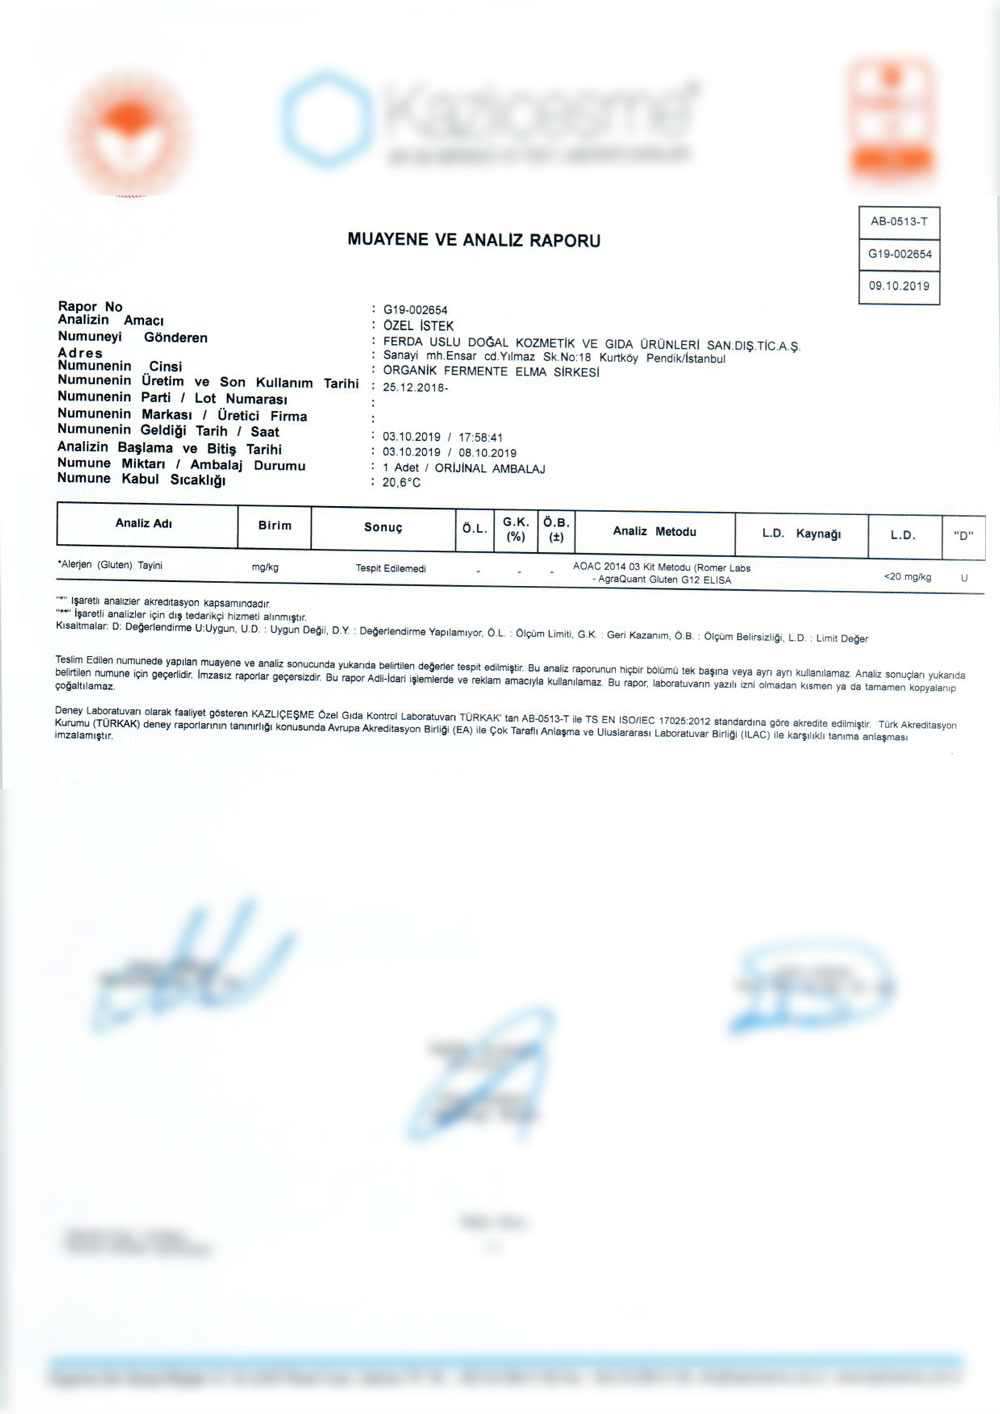 organik-sirke-gluten-içermez-Analiz-Raporu.jpg (136 KB)